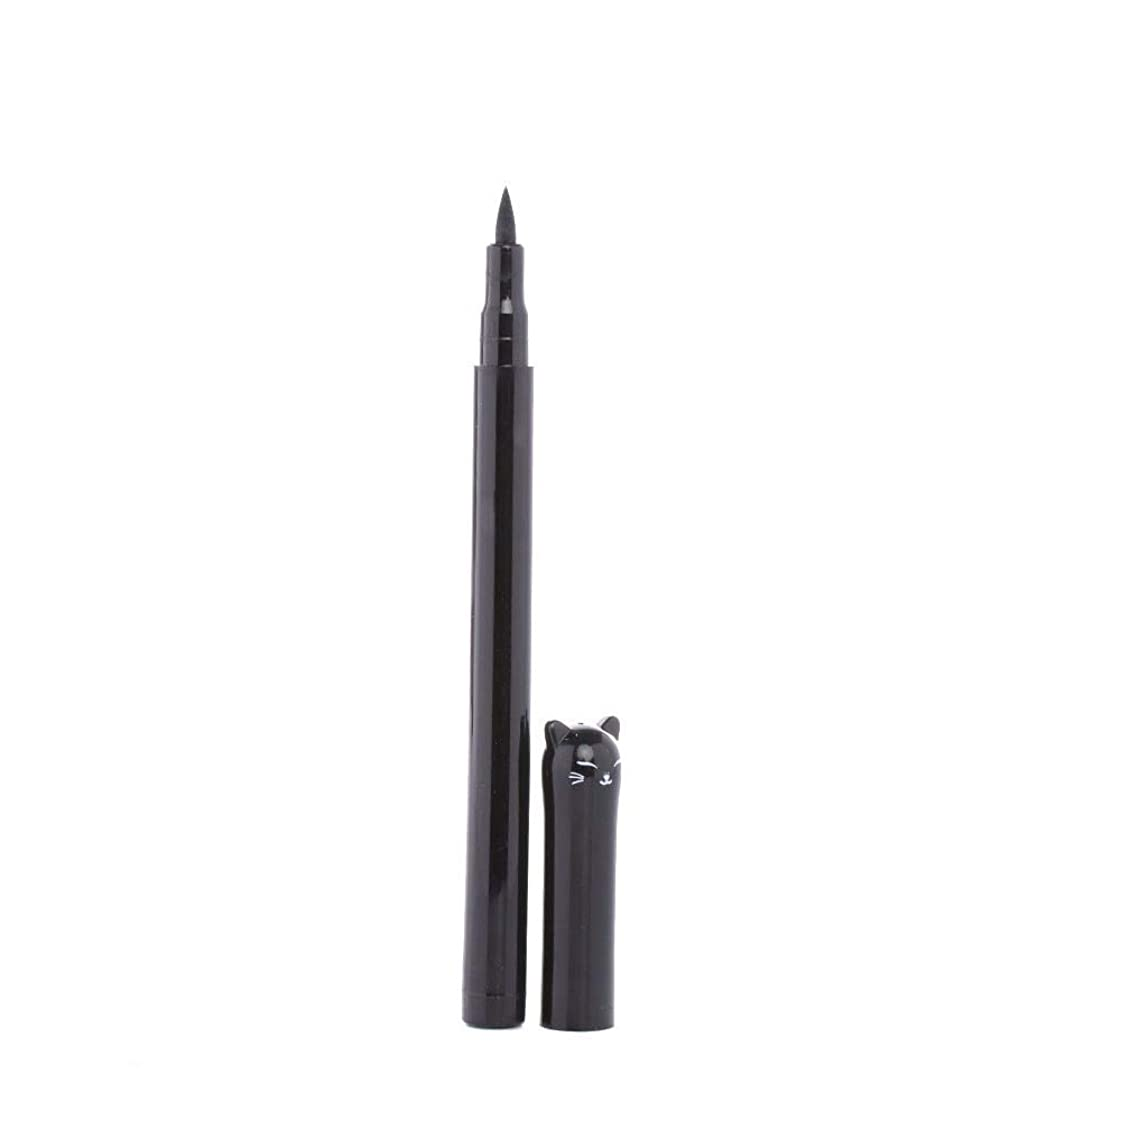 プレゼンテーション惨めなゴシップGeobiva - 1PC NEWビューティーキャットスタイルブラック長持ち防水リキッドアイライナーアイライナーペン鉛筆メイクアップ化粧品ツール